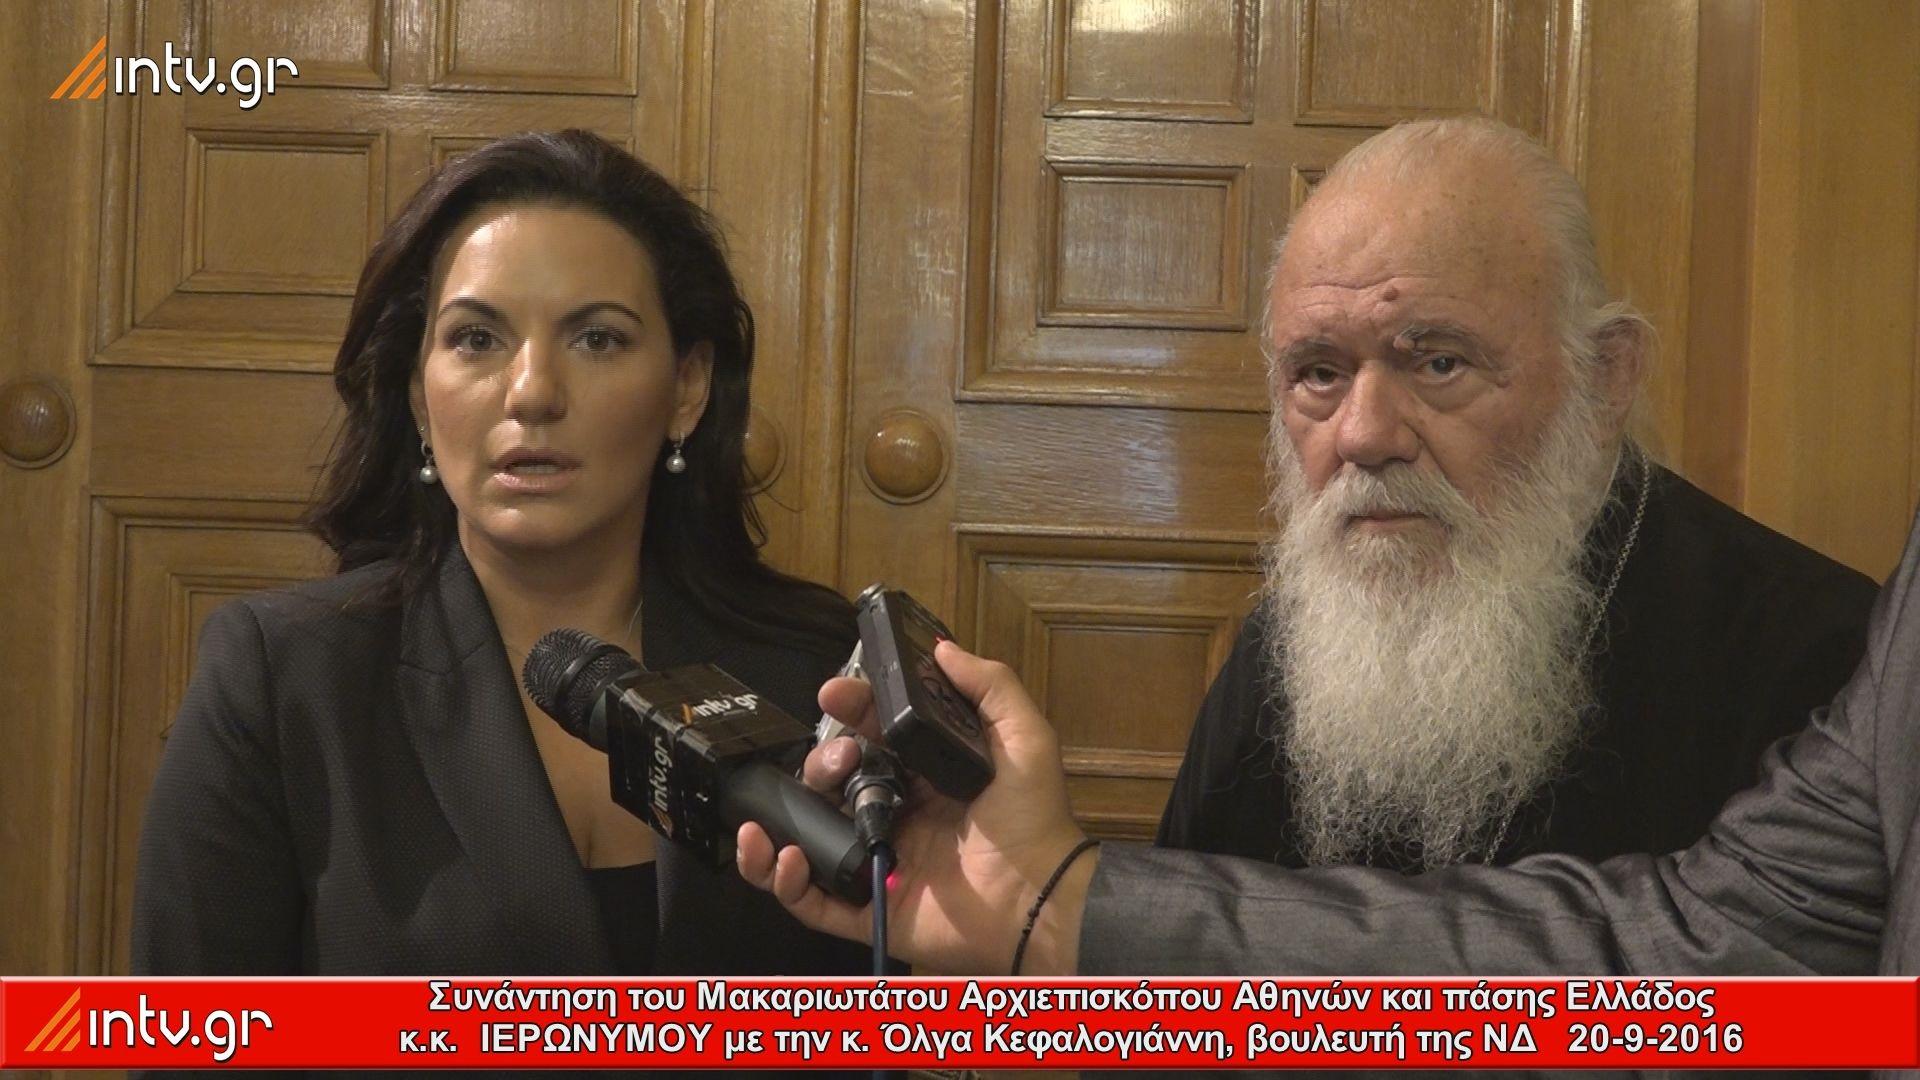 Συνάντηση του Μακαριωτάτου Αρχιεπισκόπου Αθηνών και πάσης Ελλάδος κ.κ.  ΙΕΡΩΝΥΜΟΥ με την κ. Όλγα Κεφαλογιάννη, βουλευτή της ΝΔ